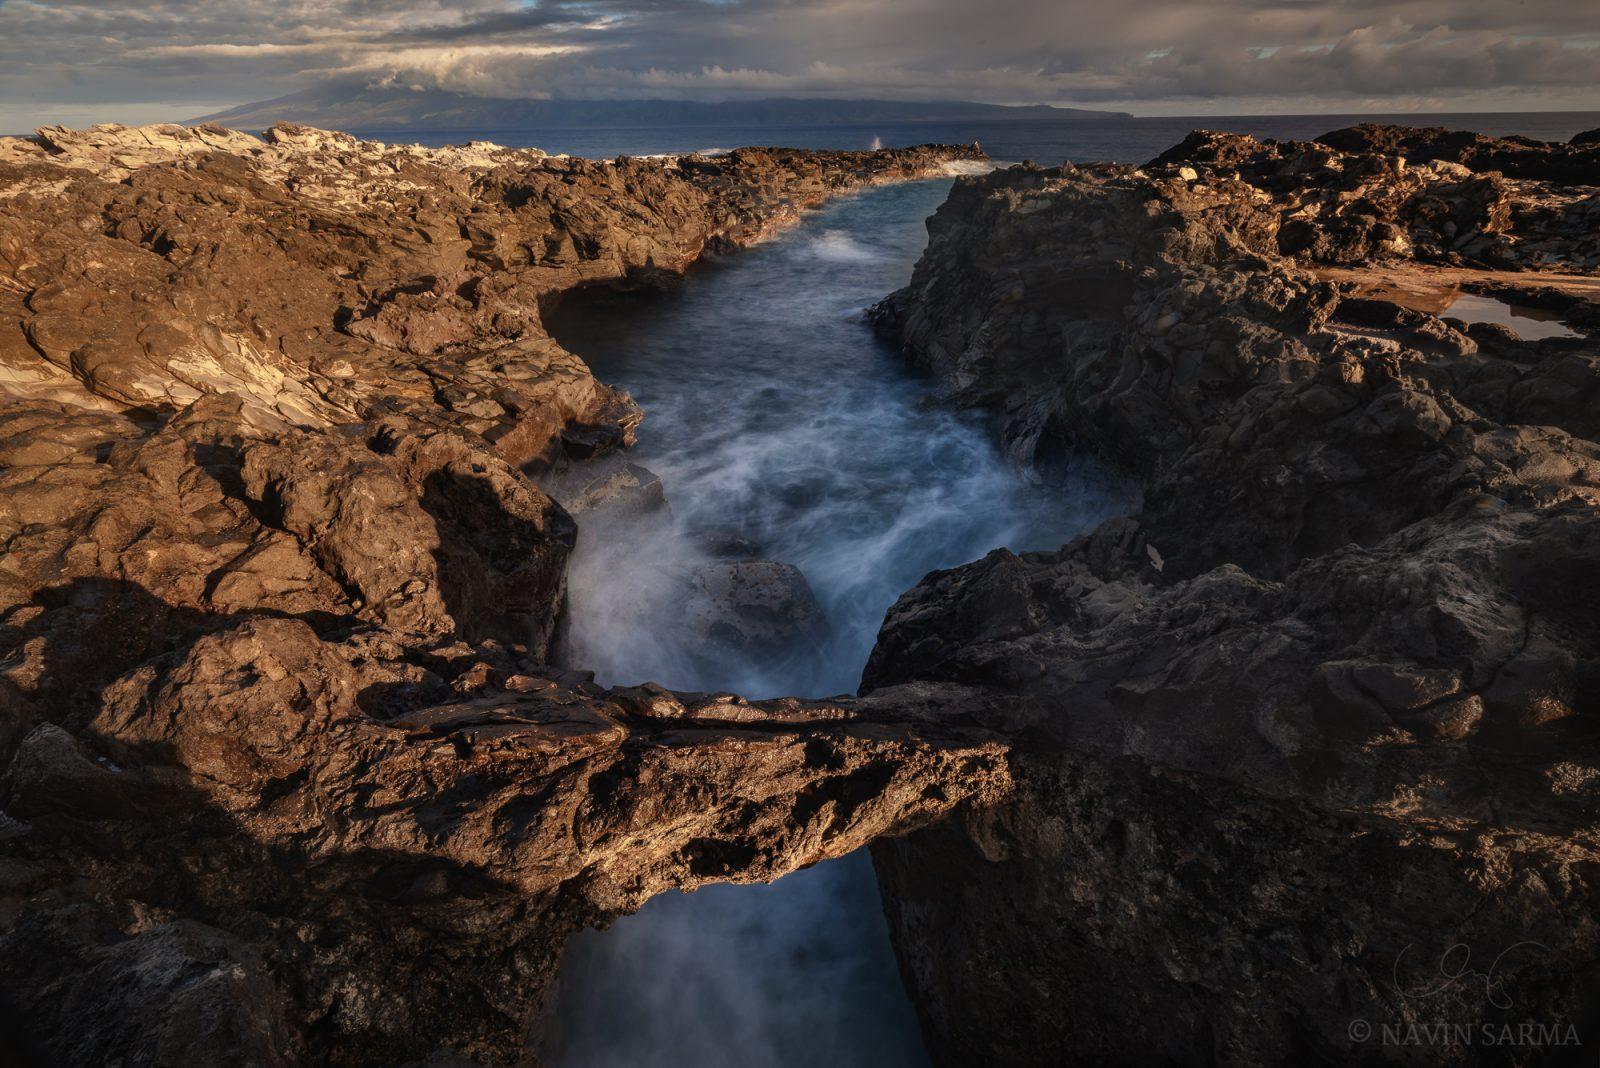 Rough seas cut through lava rock at Ironwoods beach, Maui